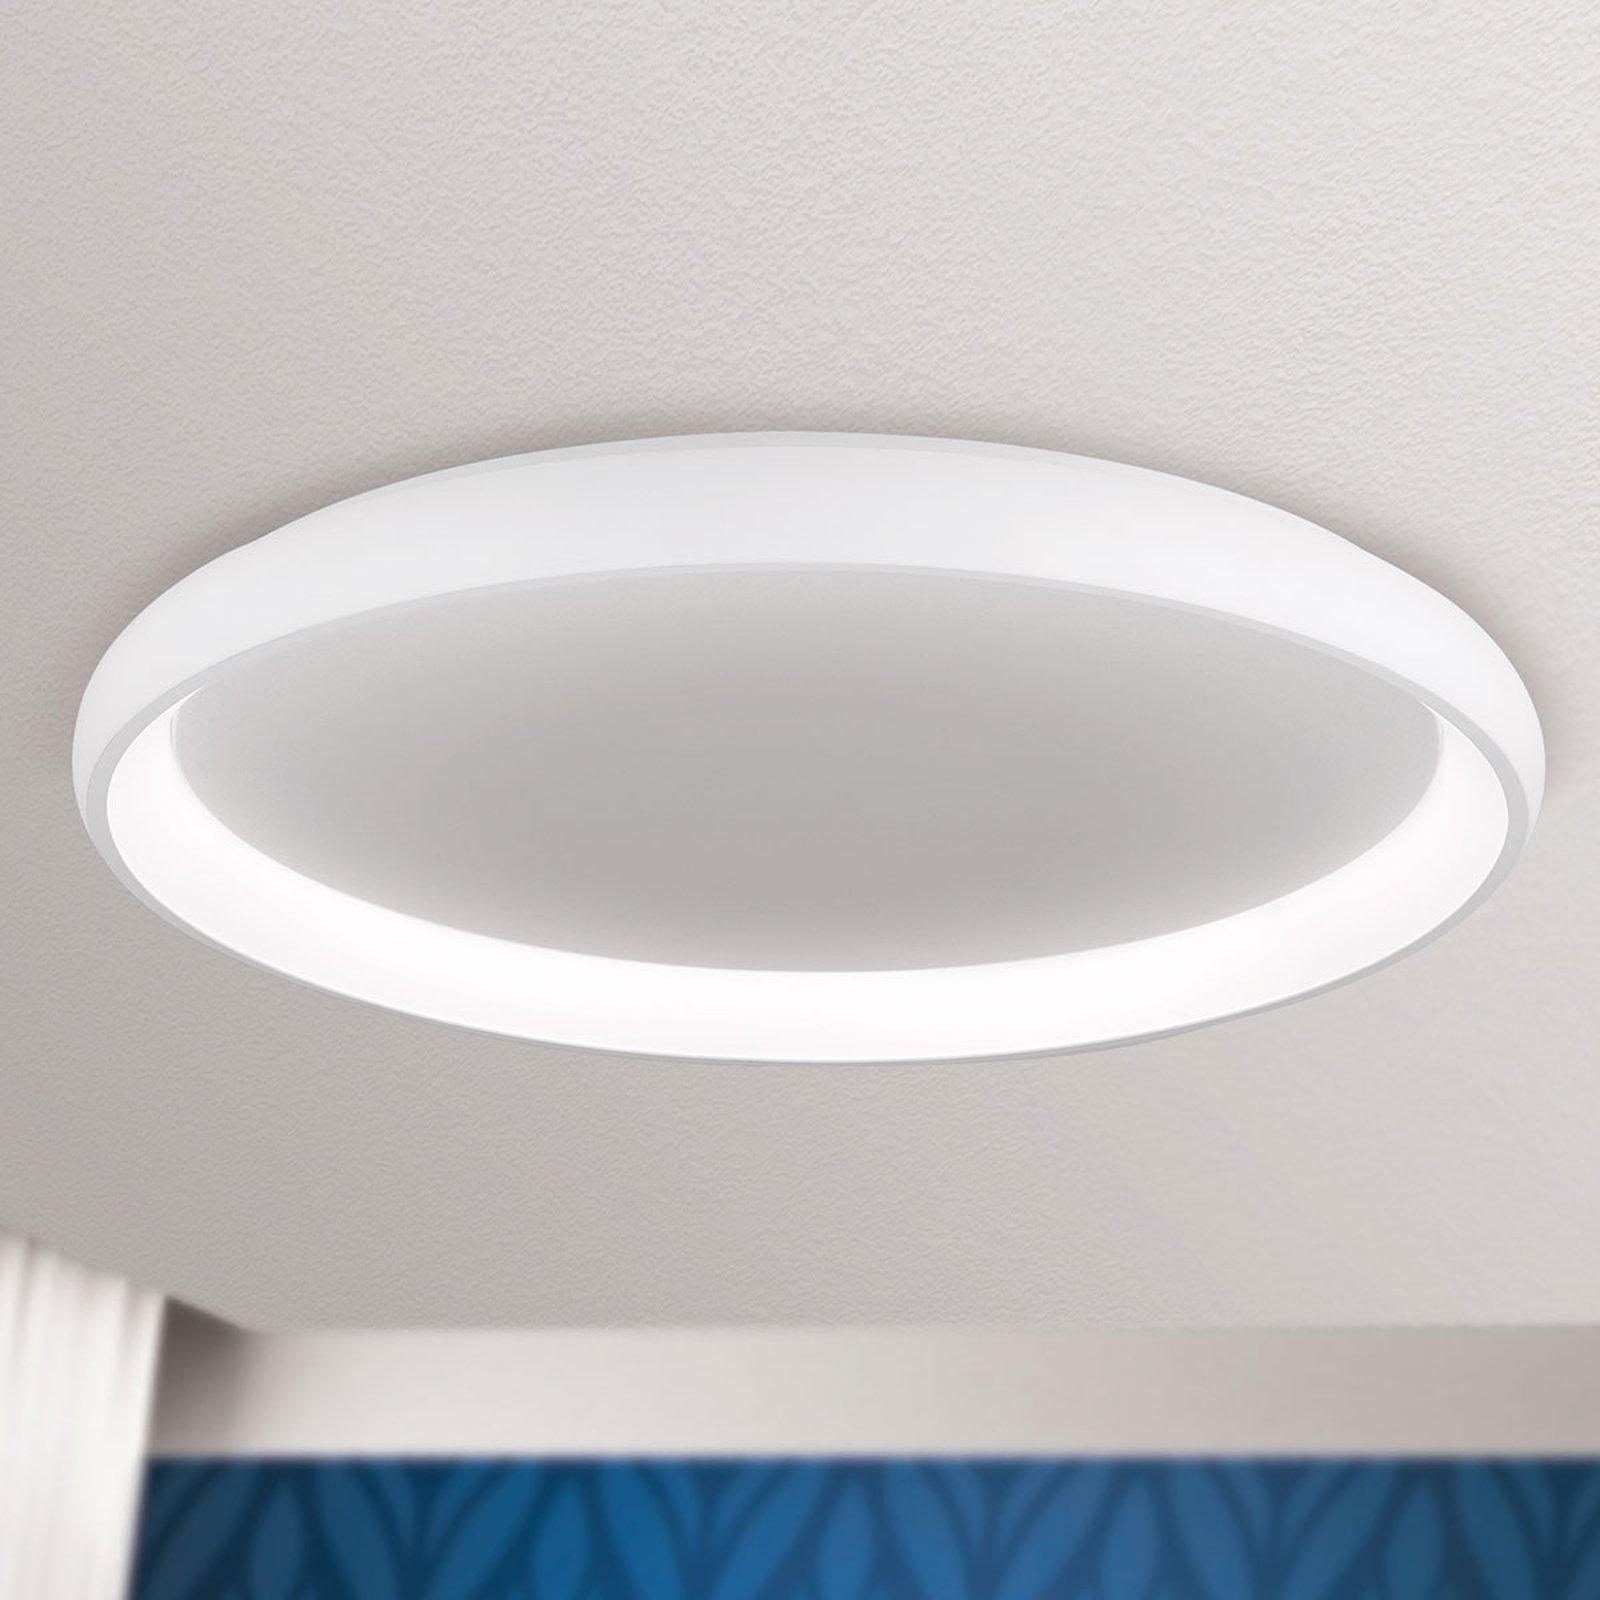 LED-taklampe Venur med lysstråling innenfor 81 cm